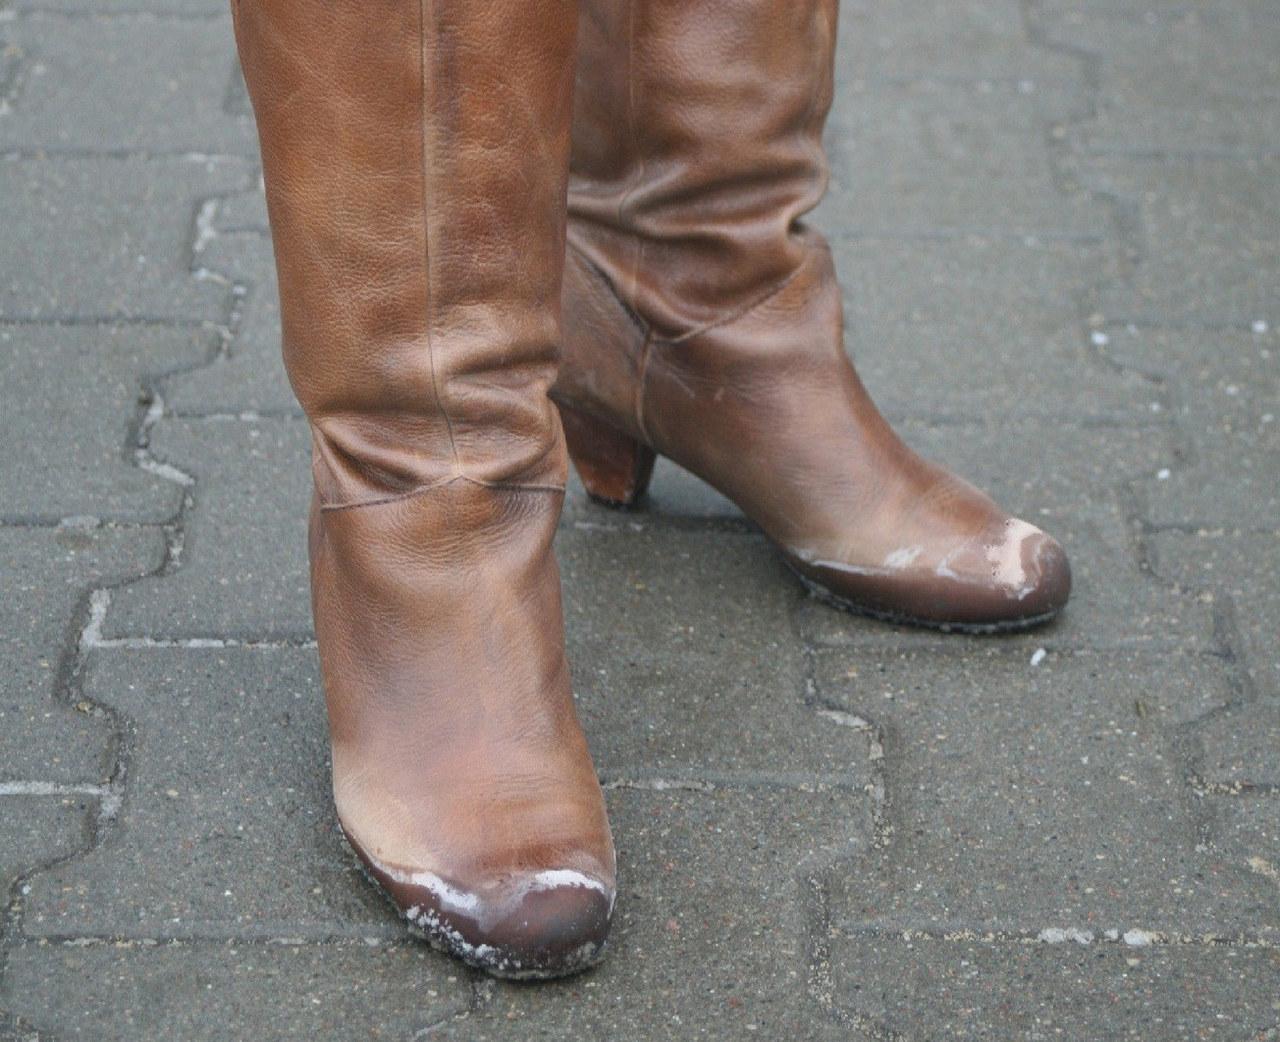 Jak Wyczyscic Buty Z Soli Kobieta W Interia Pl